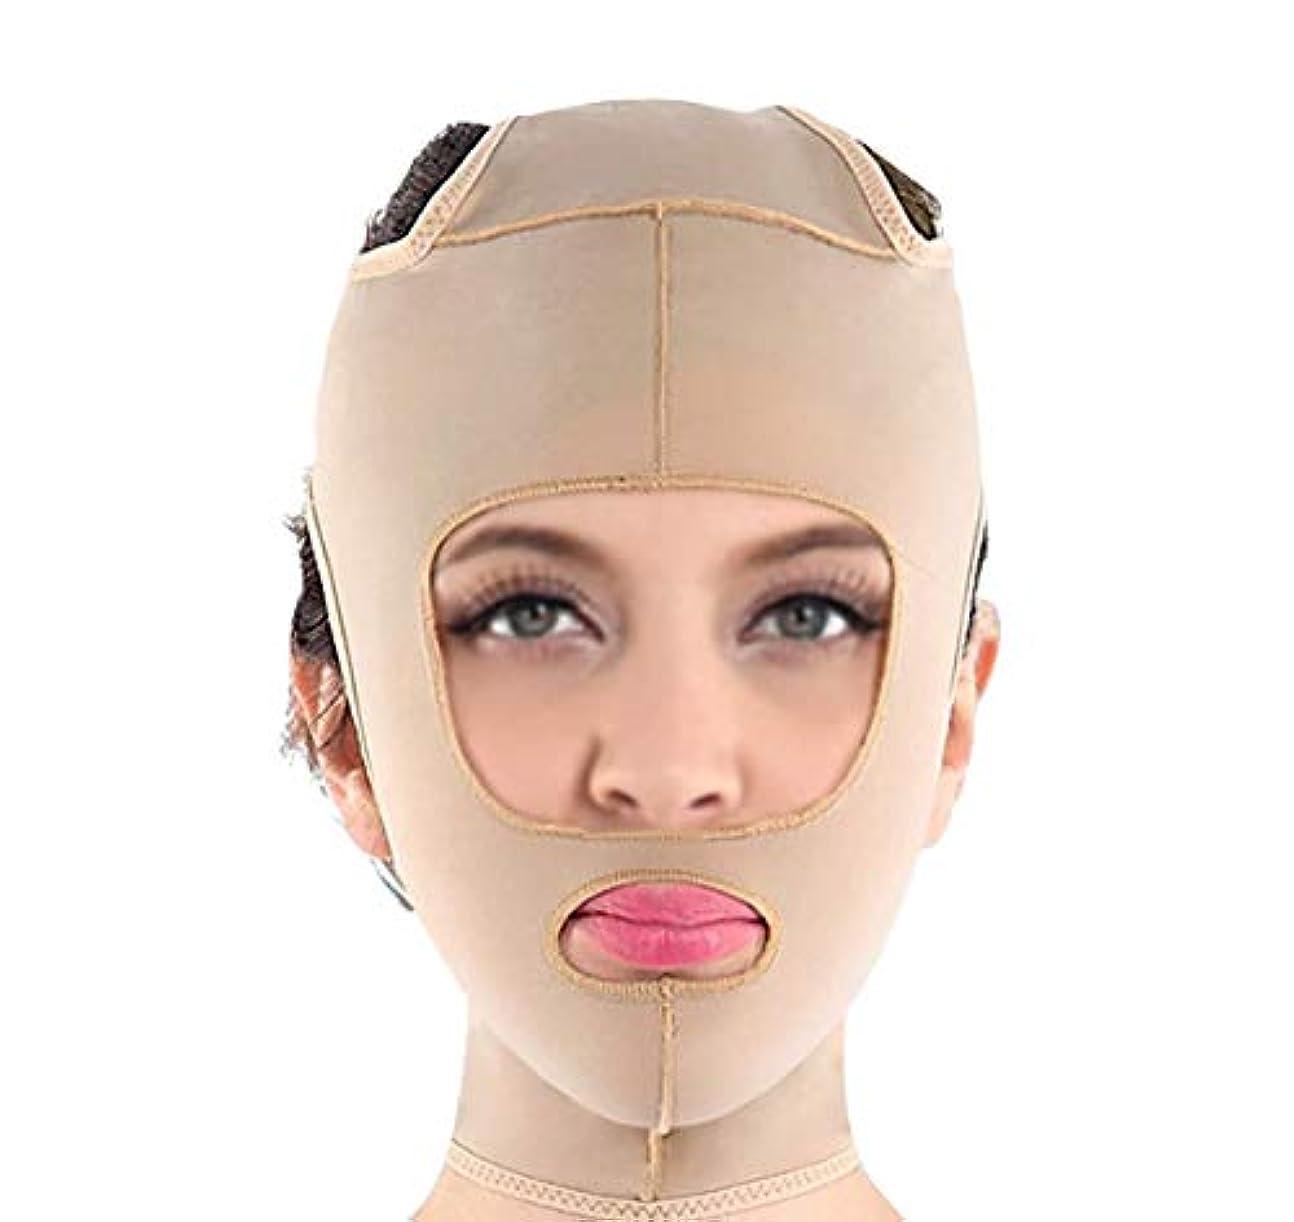 イベントジェスチャー材料フェイスリフティングマスクで肌をよりしっかりと保ち、V字型の顔を形作り、超薄型の通気性、調節可能で快適な着用感(サイズ:Xl),Xl